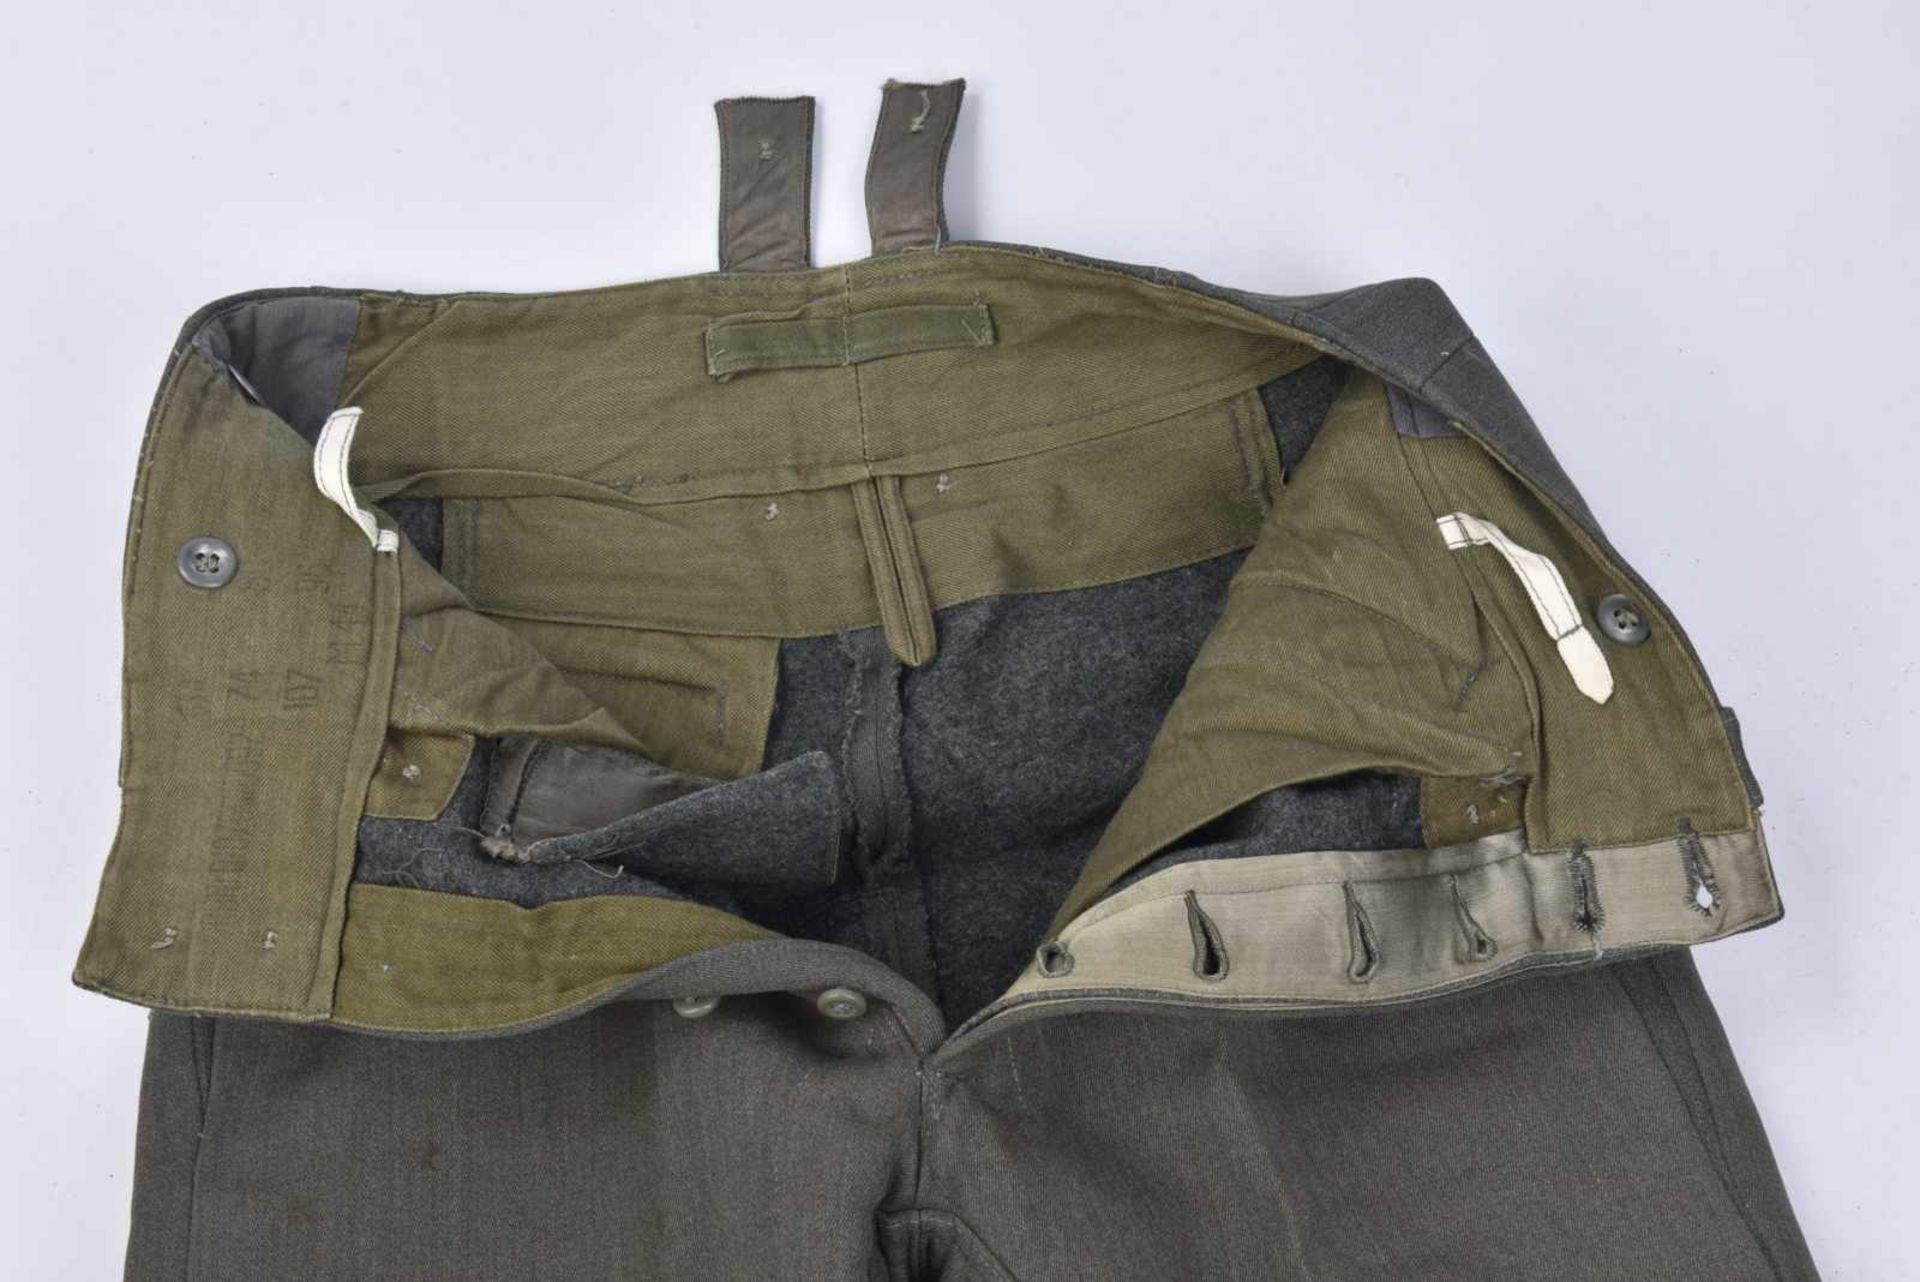 Pantalon en gabardine italienne. Modèle 44, en gabardine grise, tous les boutons sont présents. - Bild 3 aus 4